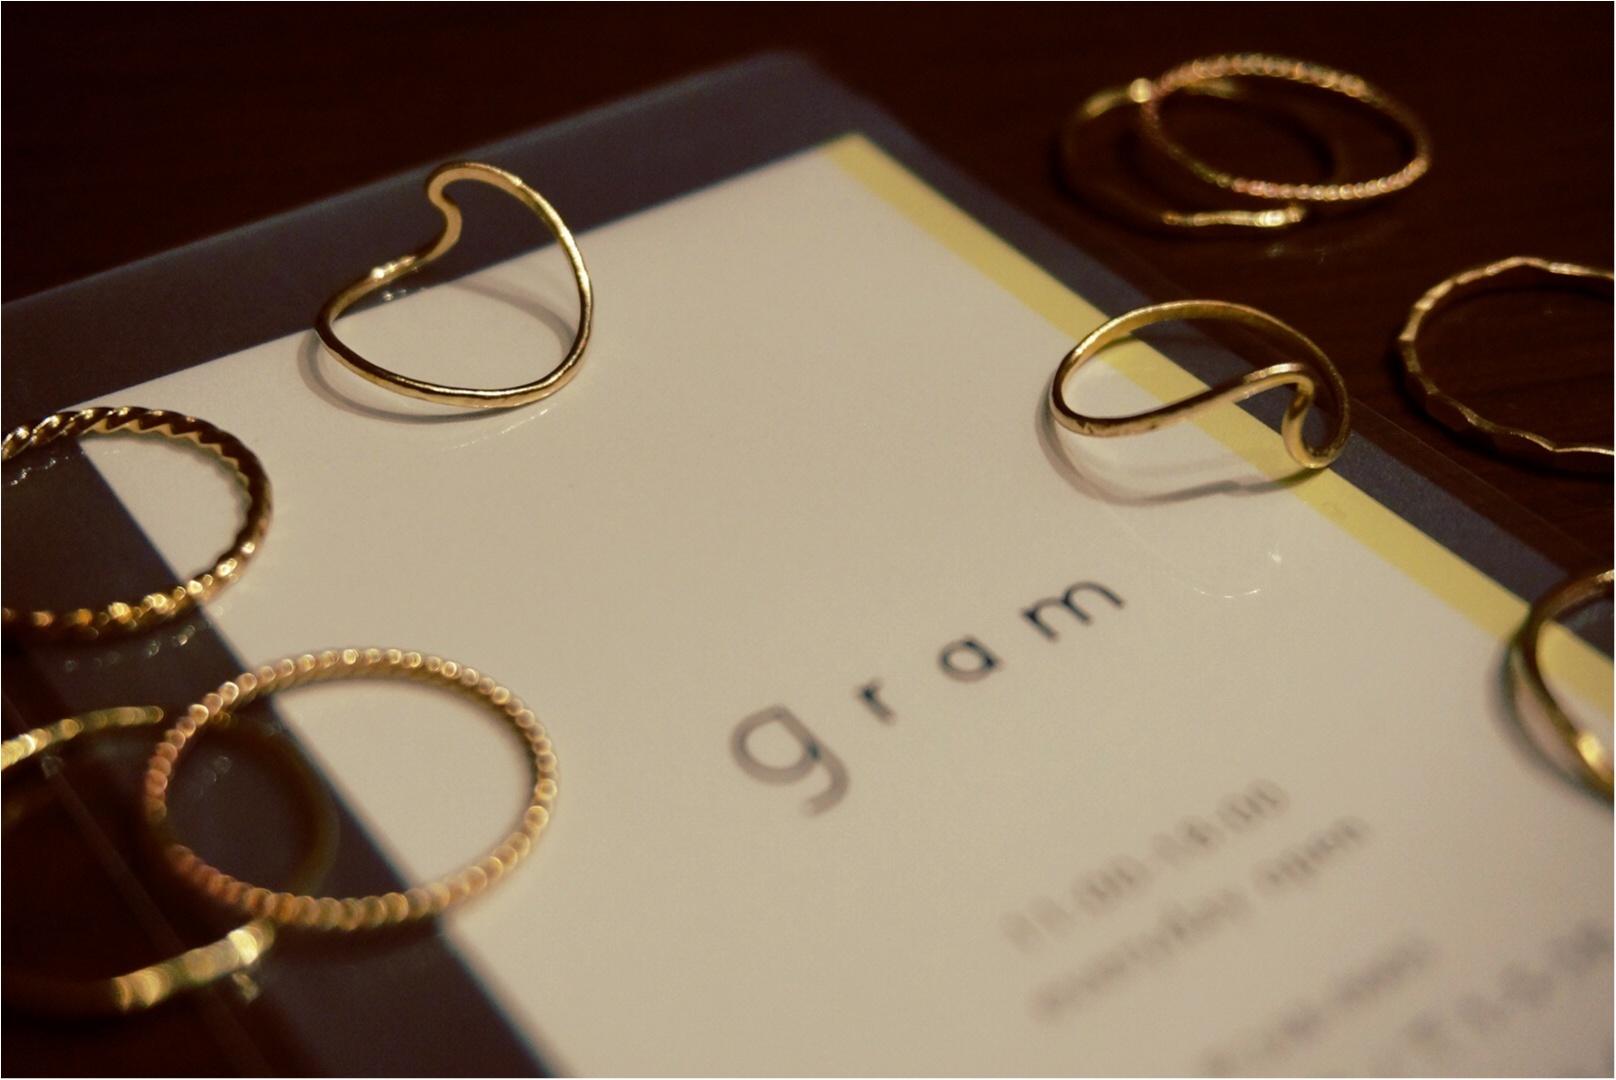 1個990円‼️鎌倉へ行ったら《世界に1つだけ》・《自分だけ》の指輪を作ろうヽ(^◇^*)/ ♪_6